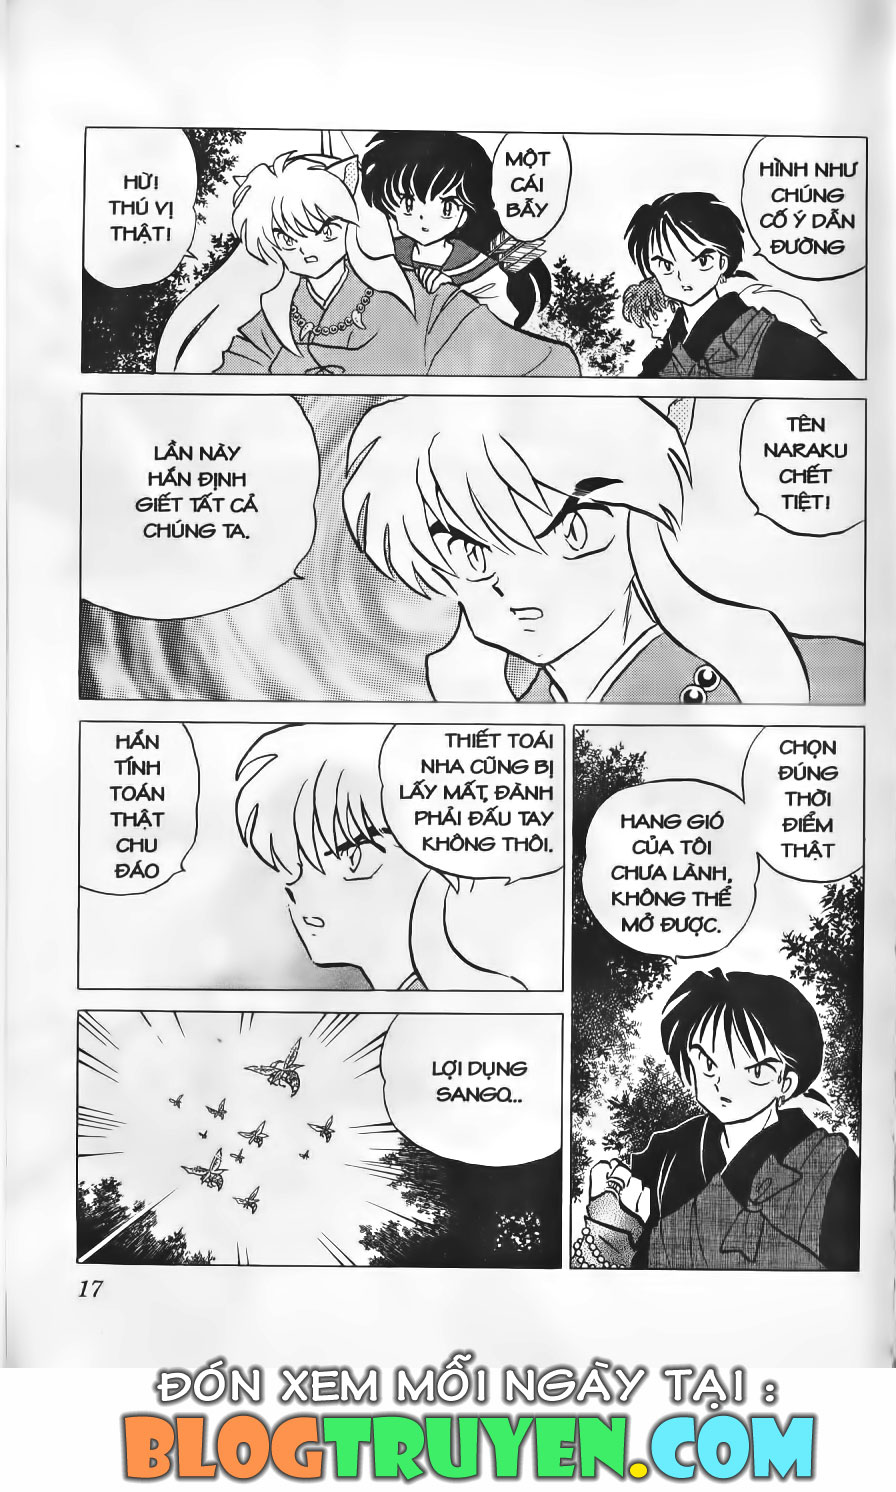 Inuyasha vol 12.1 trang 17